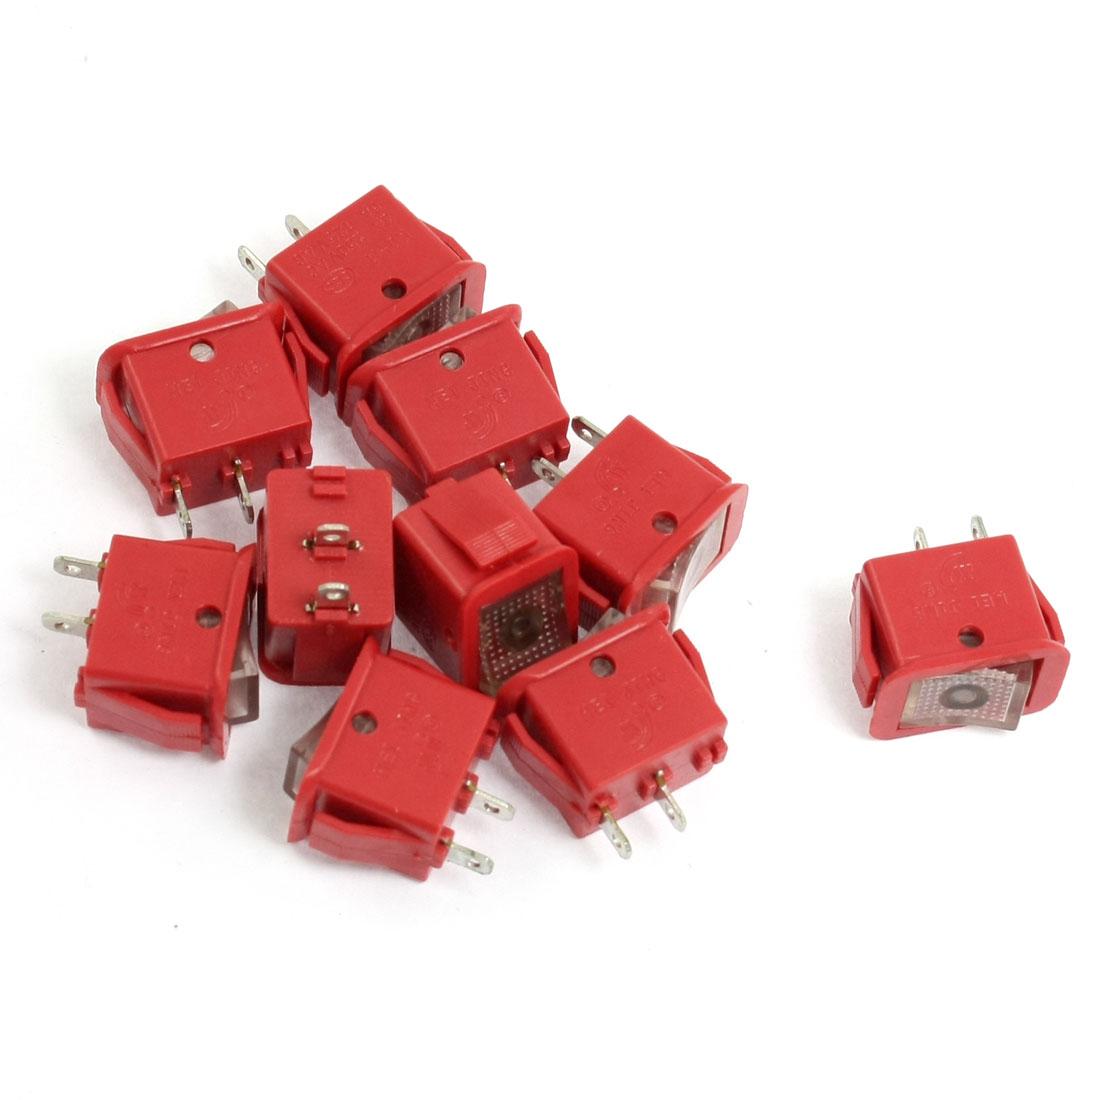 10 Pcs Red 125V/6A 250V/3A SPST ON OFF Rocker Switches